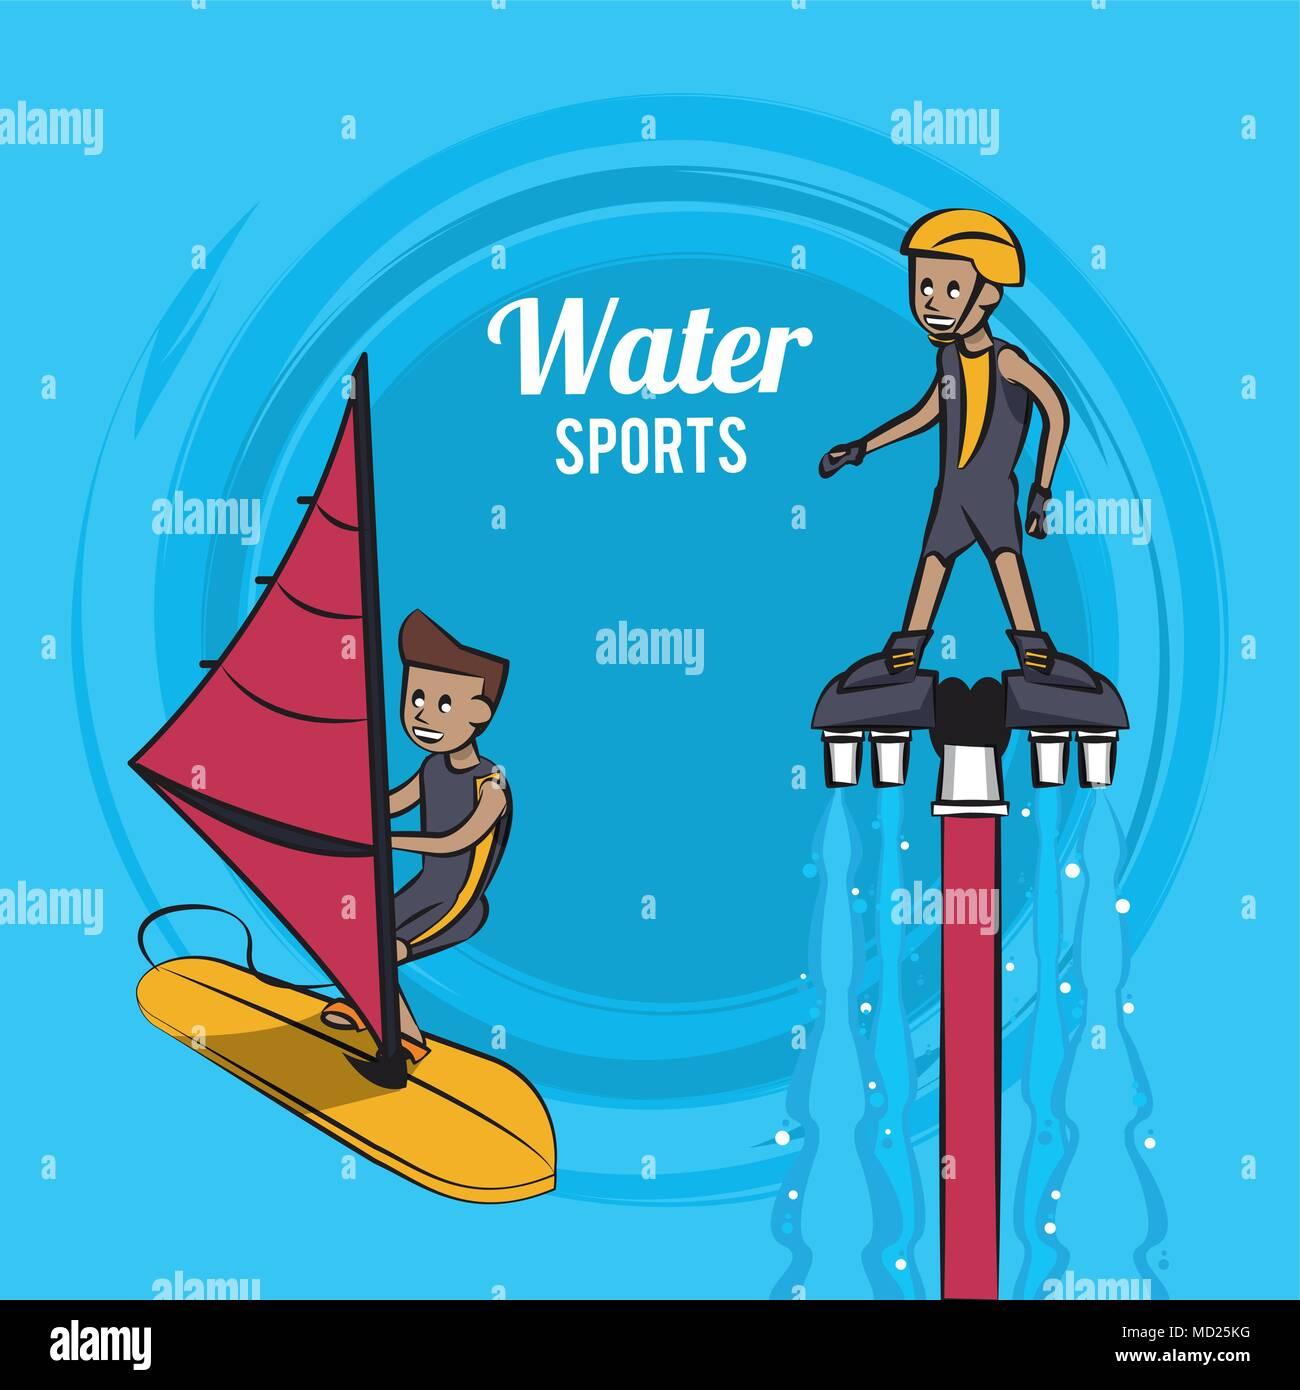 Flysurfing water sport - Stock Image